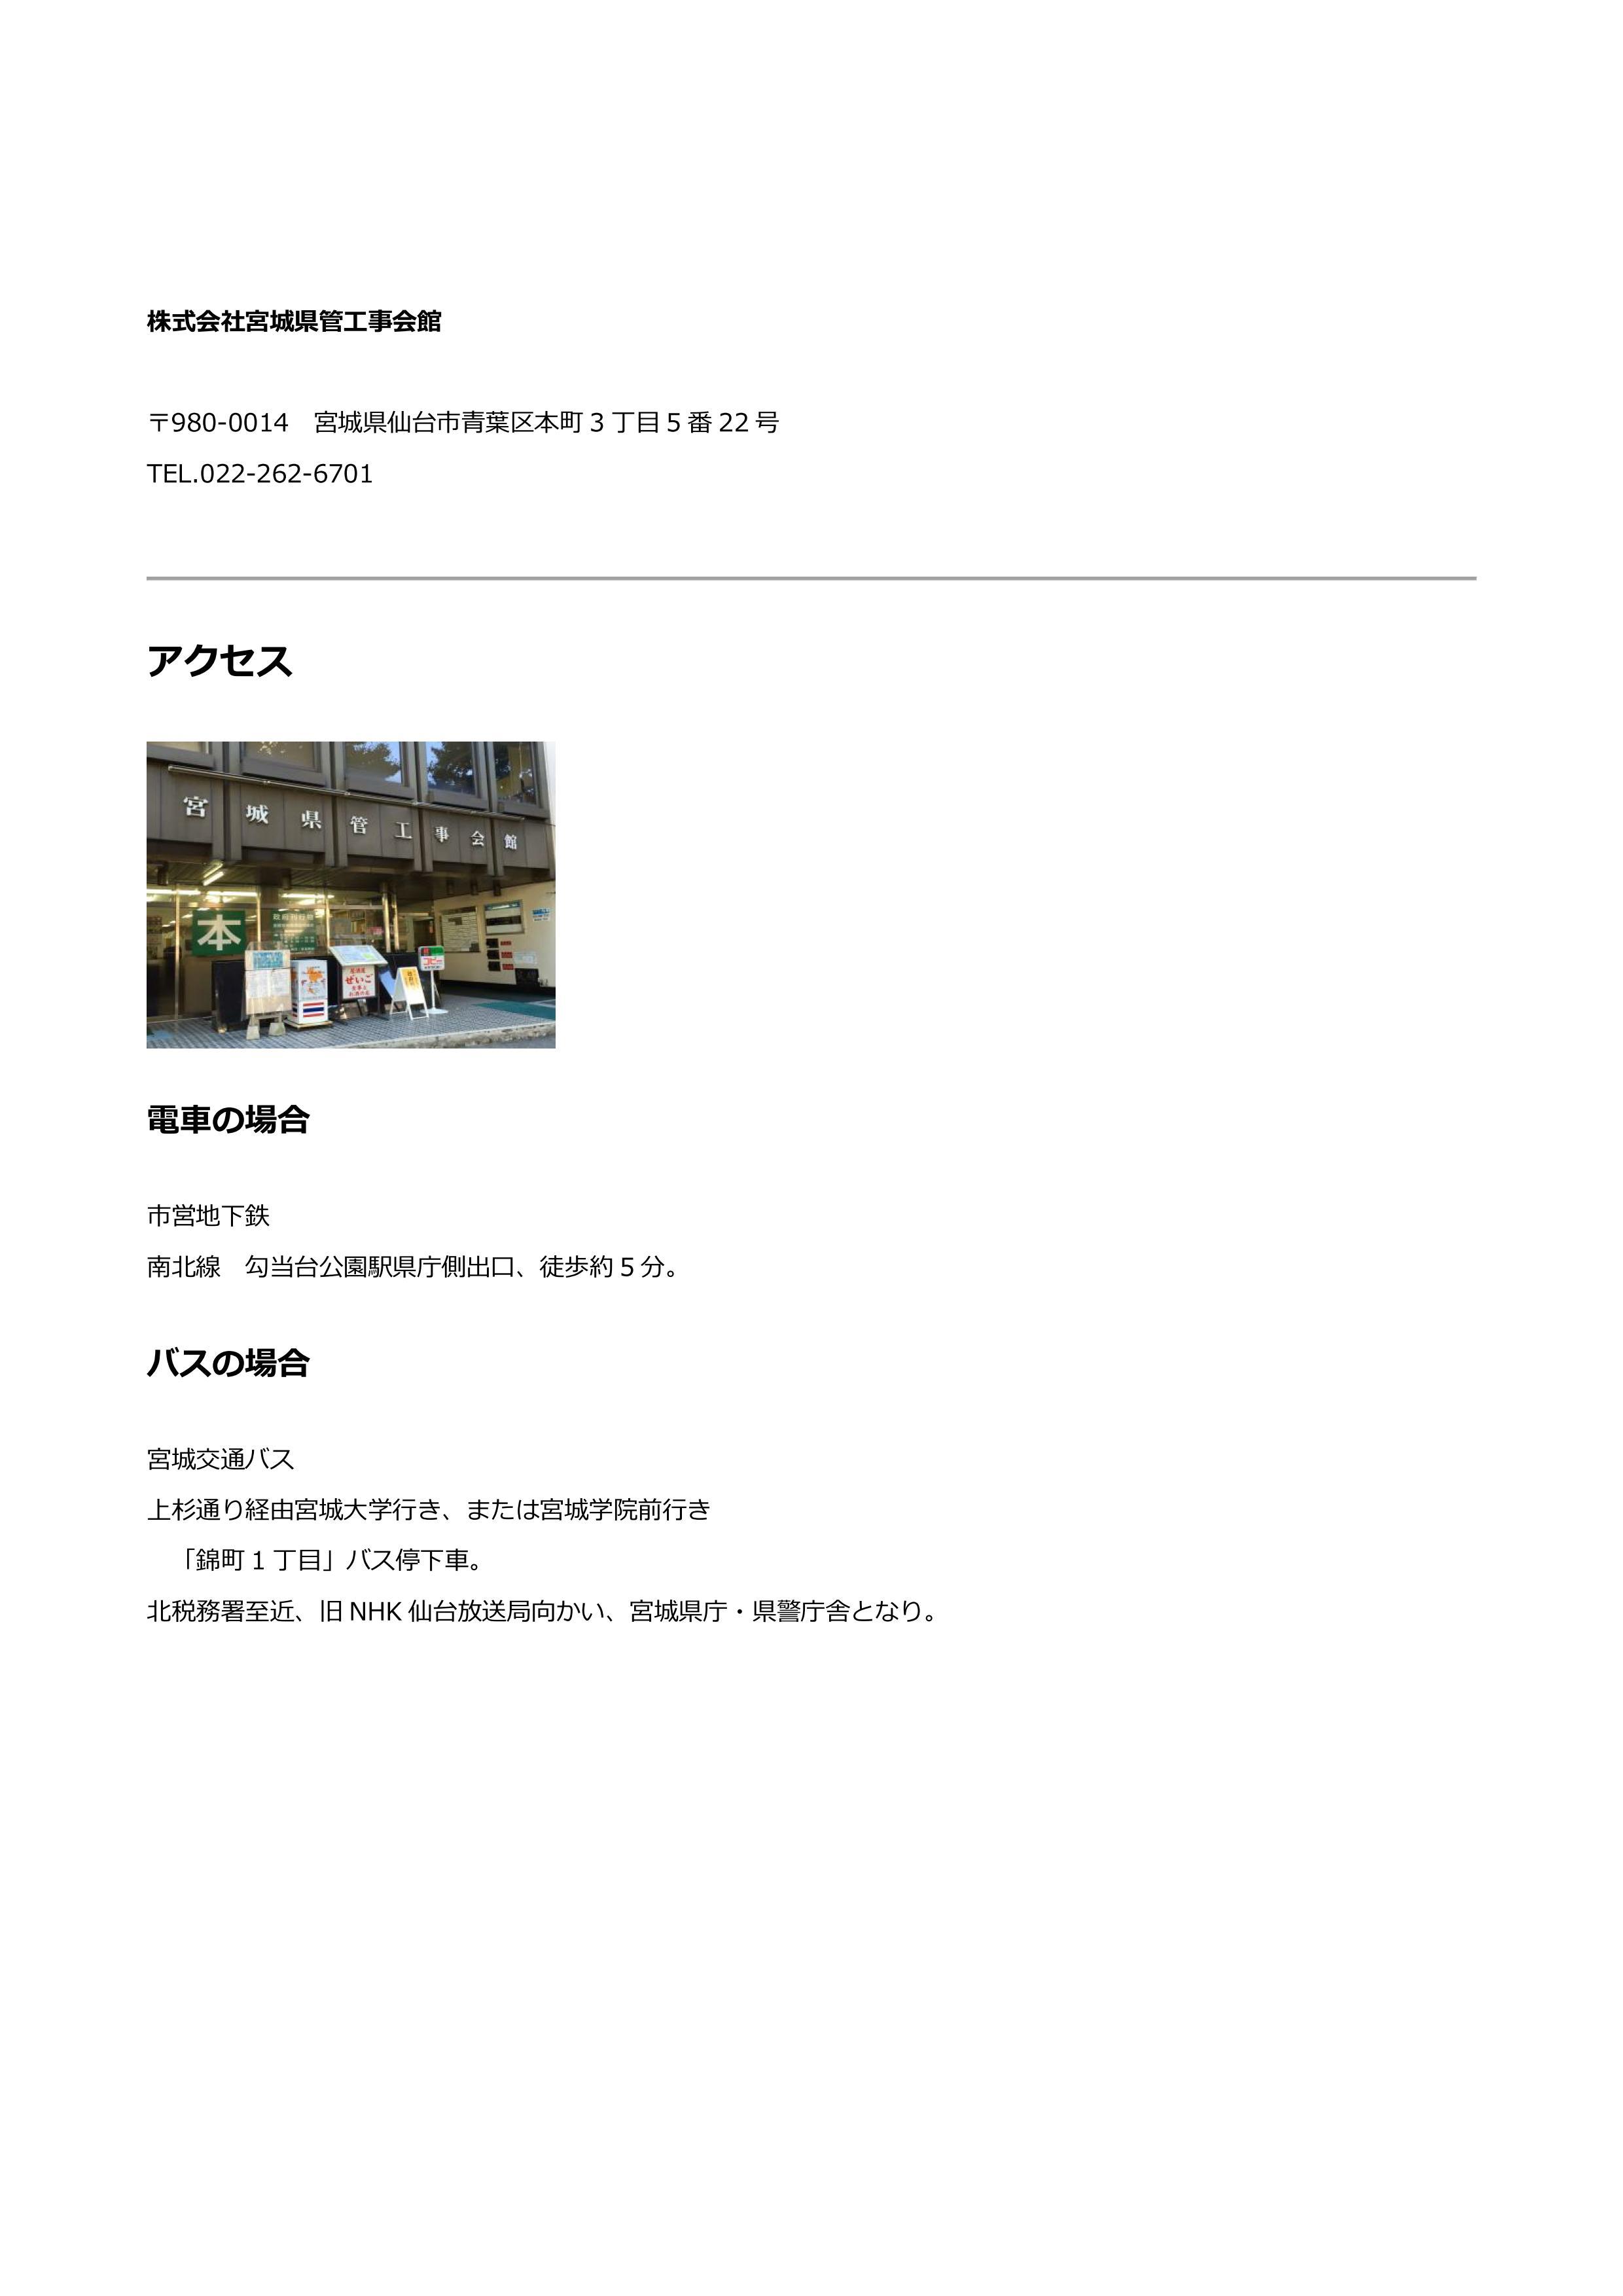 2019年03月28日 震災フォーラム_02